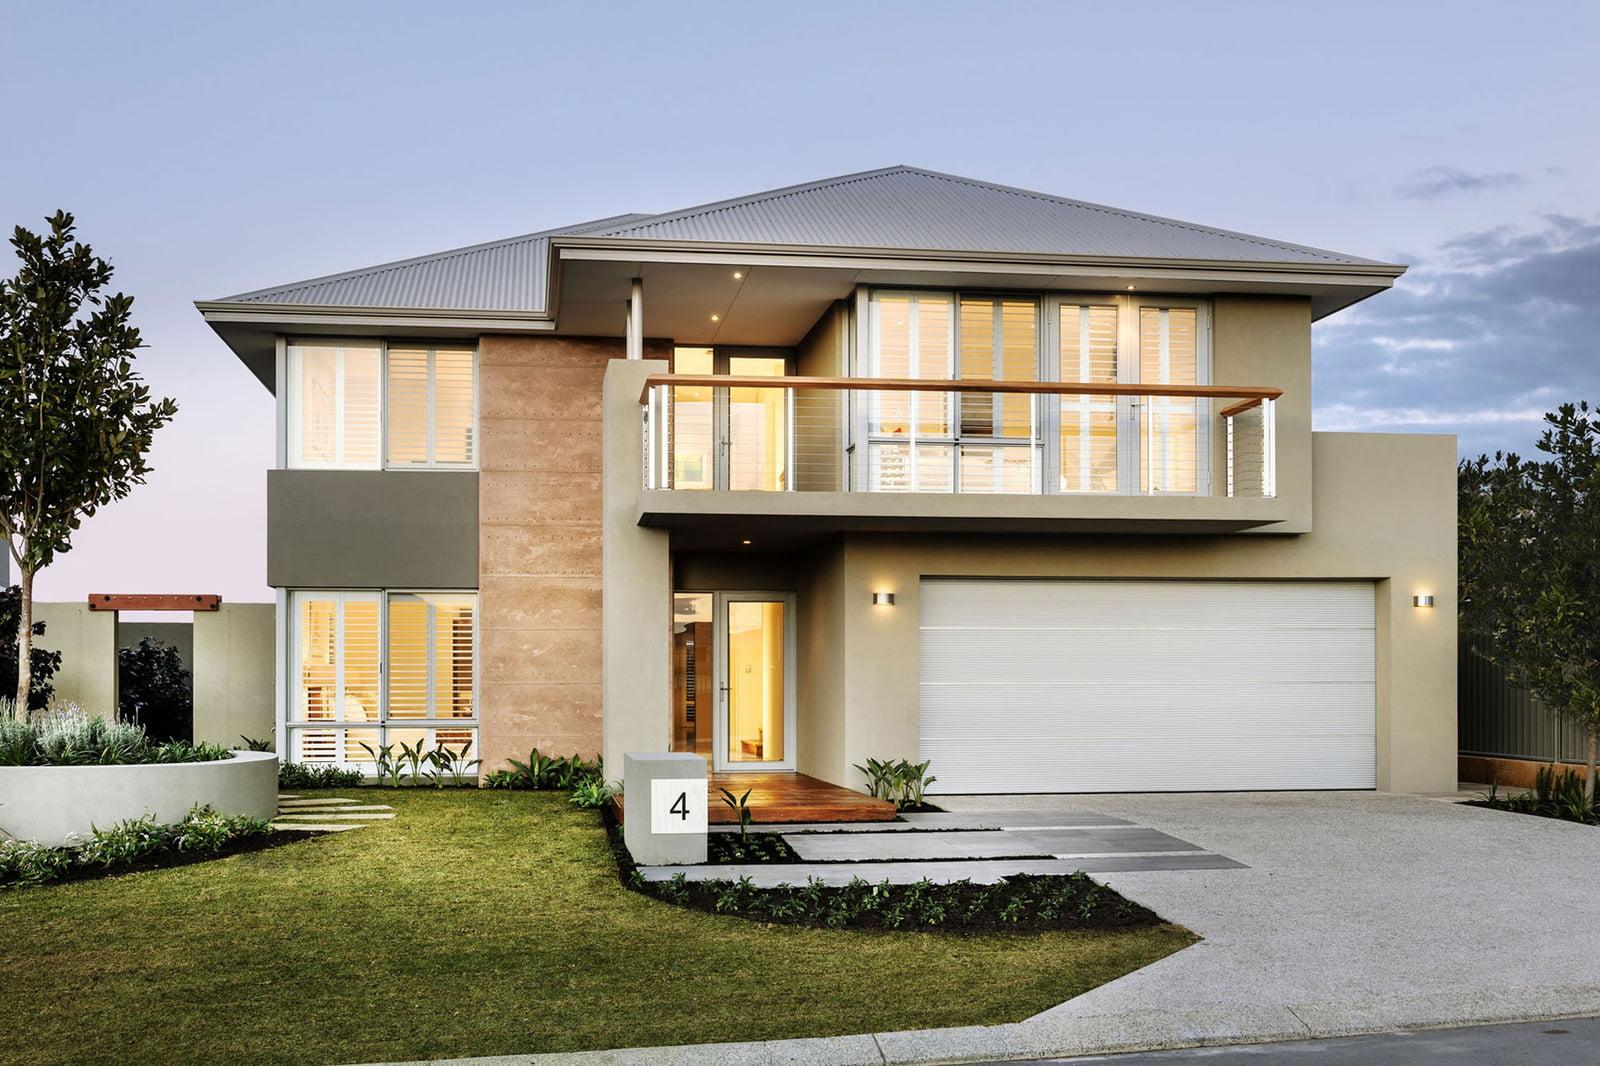 Fachada de la casa de dos pisos (Diseño: Webb & Brown-Neaves)